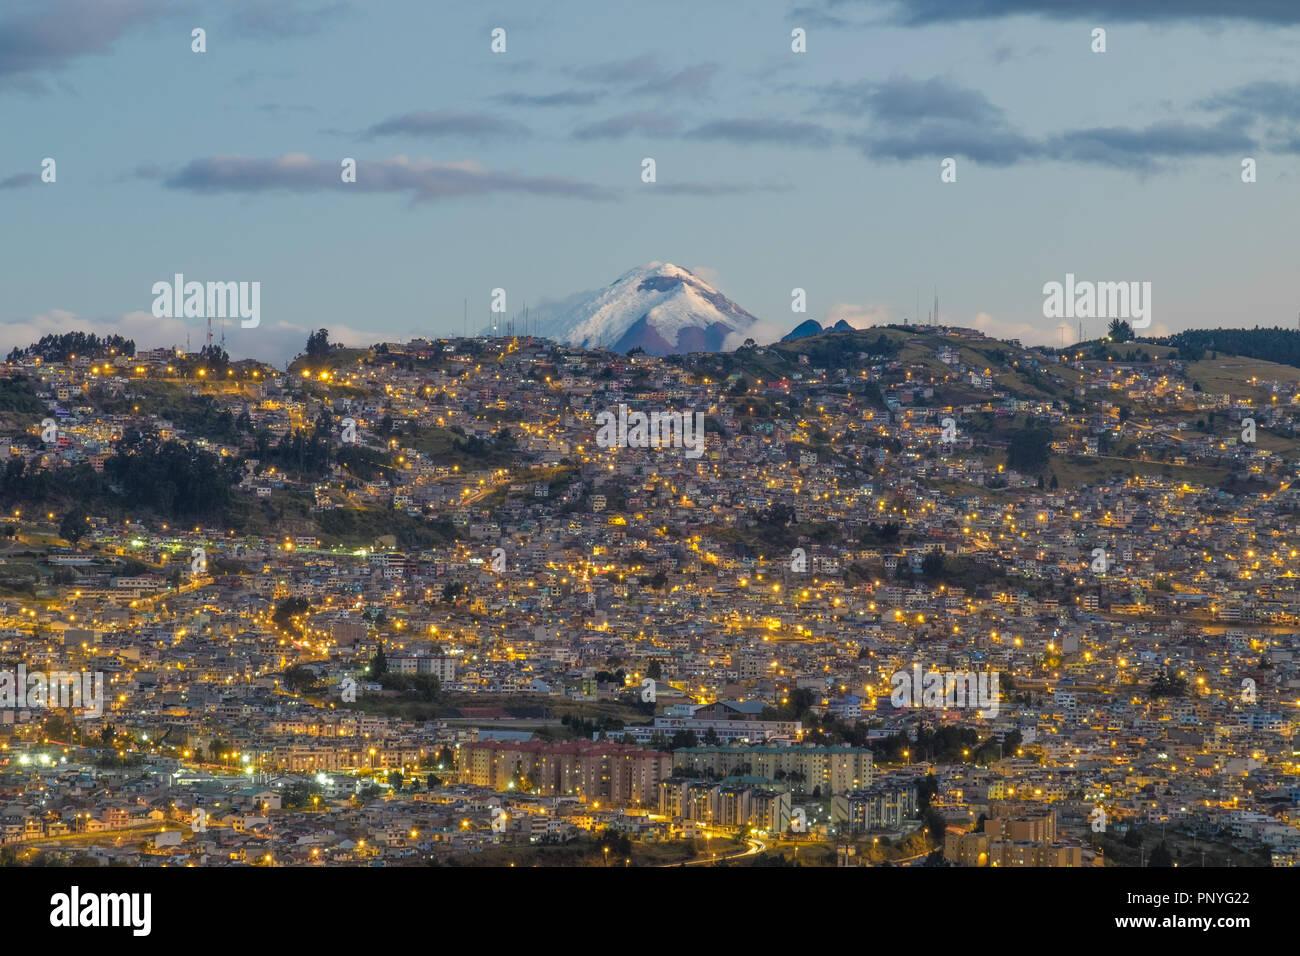 Vista de Quito en la noche y en el fondo del volcán Cotopaxi, Ecuador Imagen De Stock